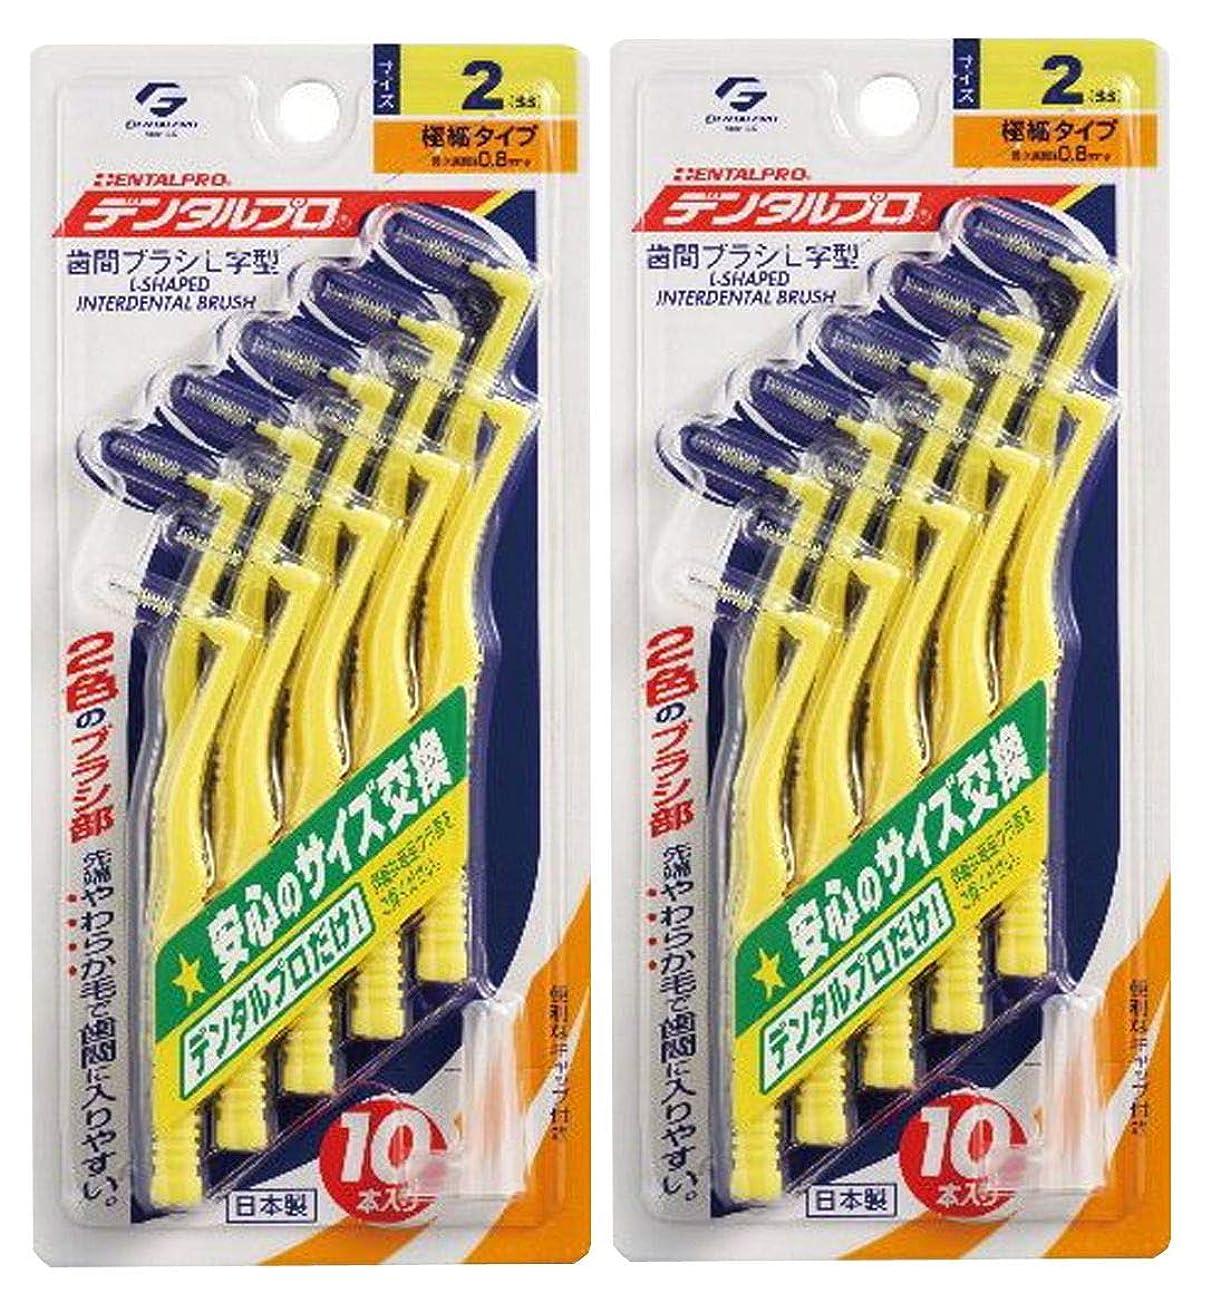 姉妹ブランク太鼓腹デンタルプロ 歯間ブラシ L字型 10本入 サイズ 2 (SS) × 2個セット